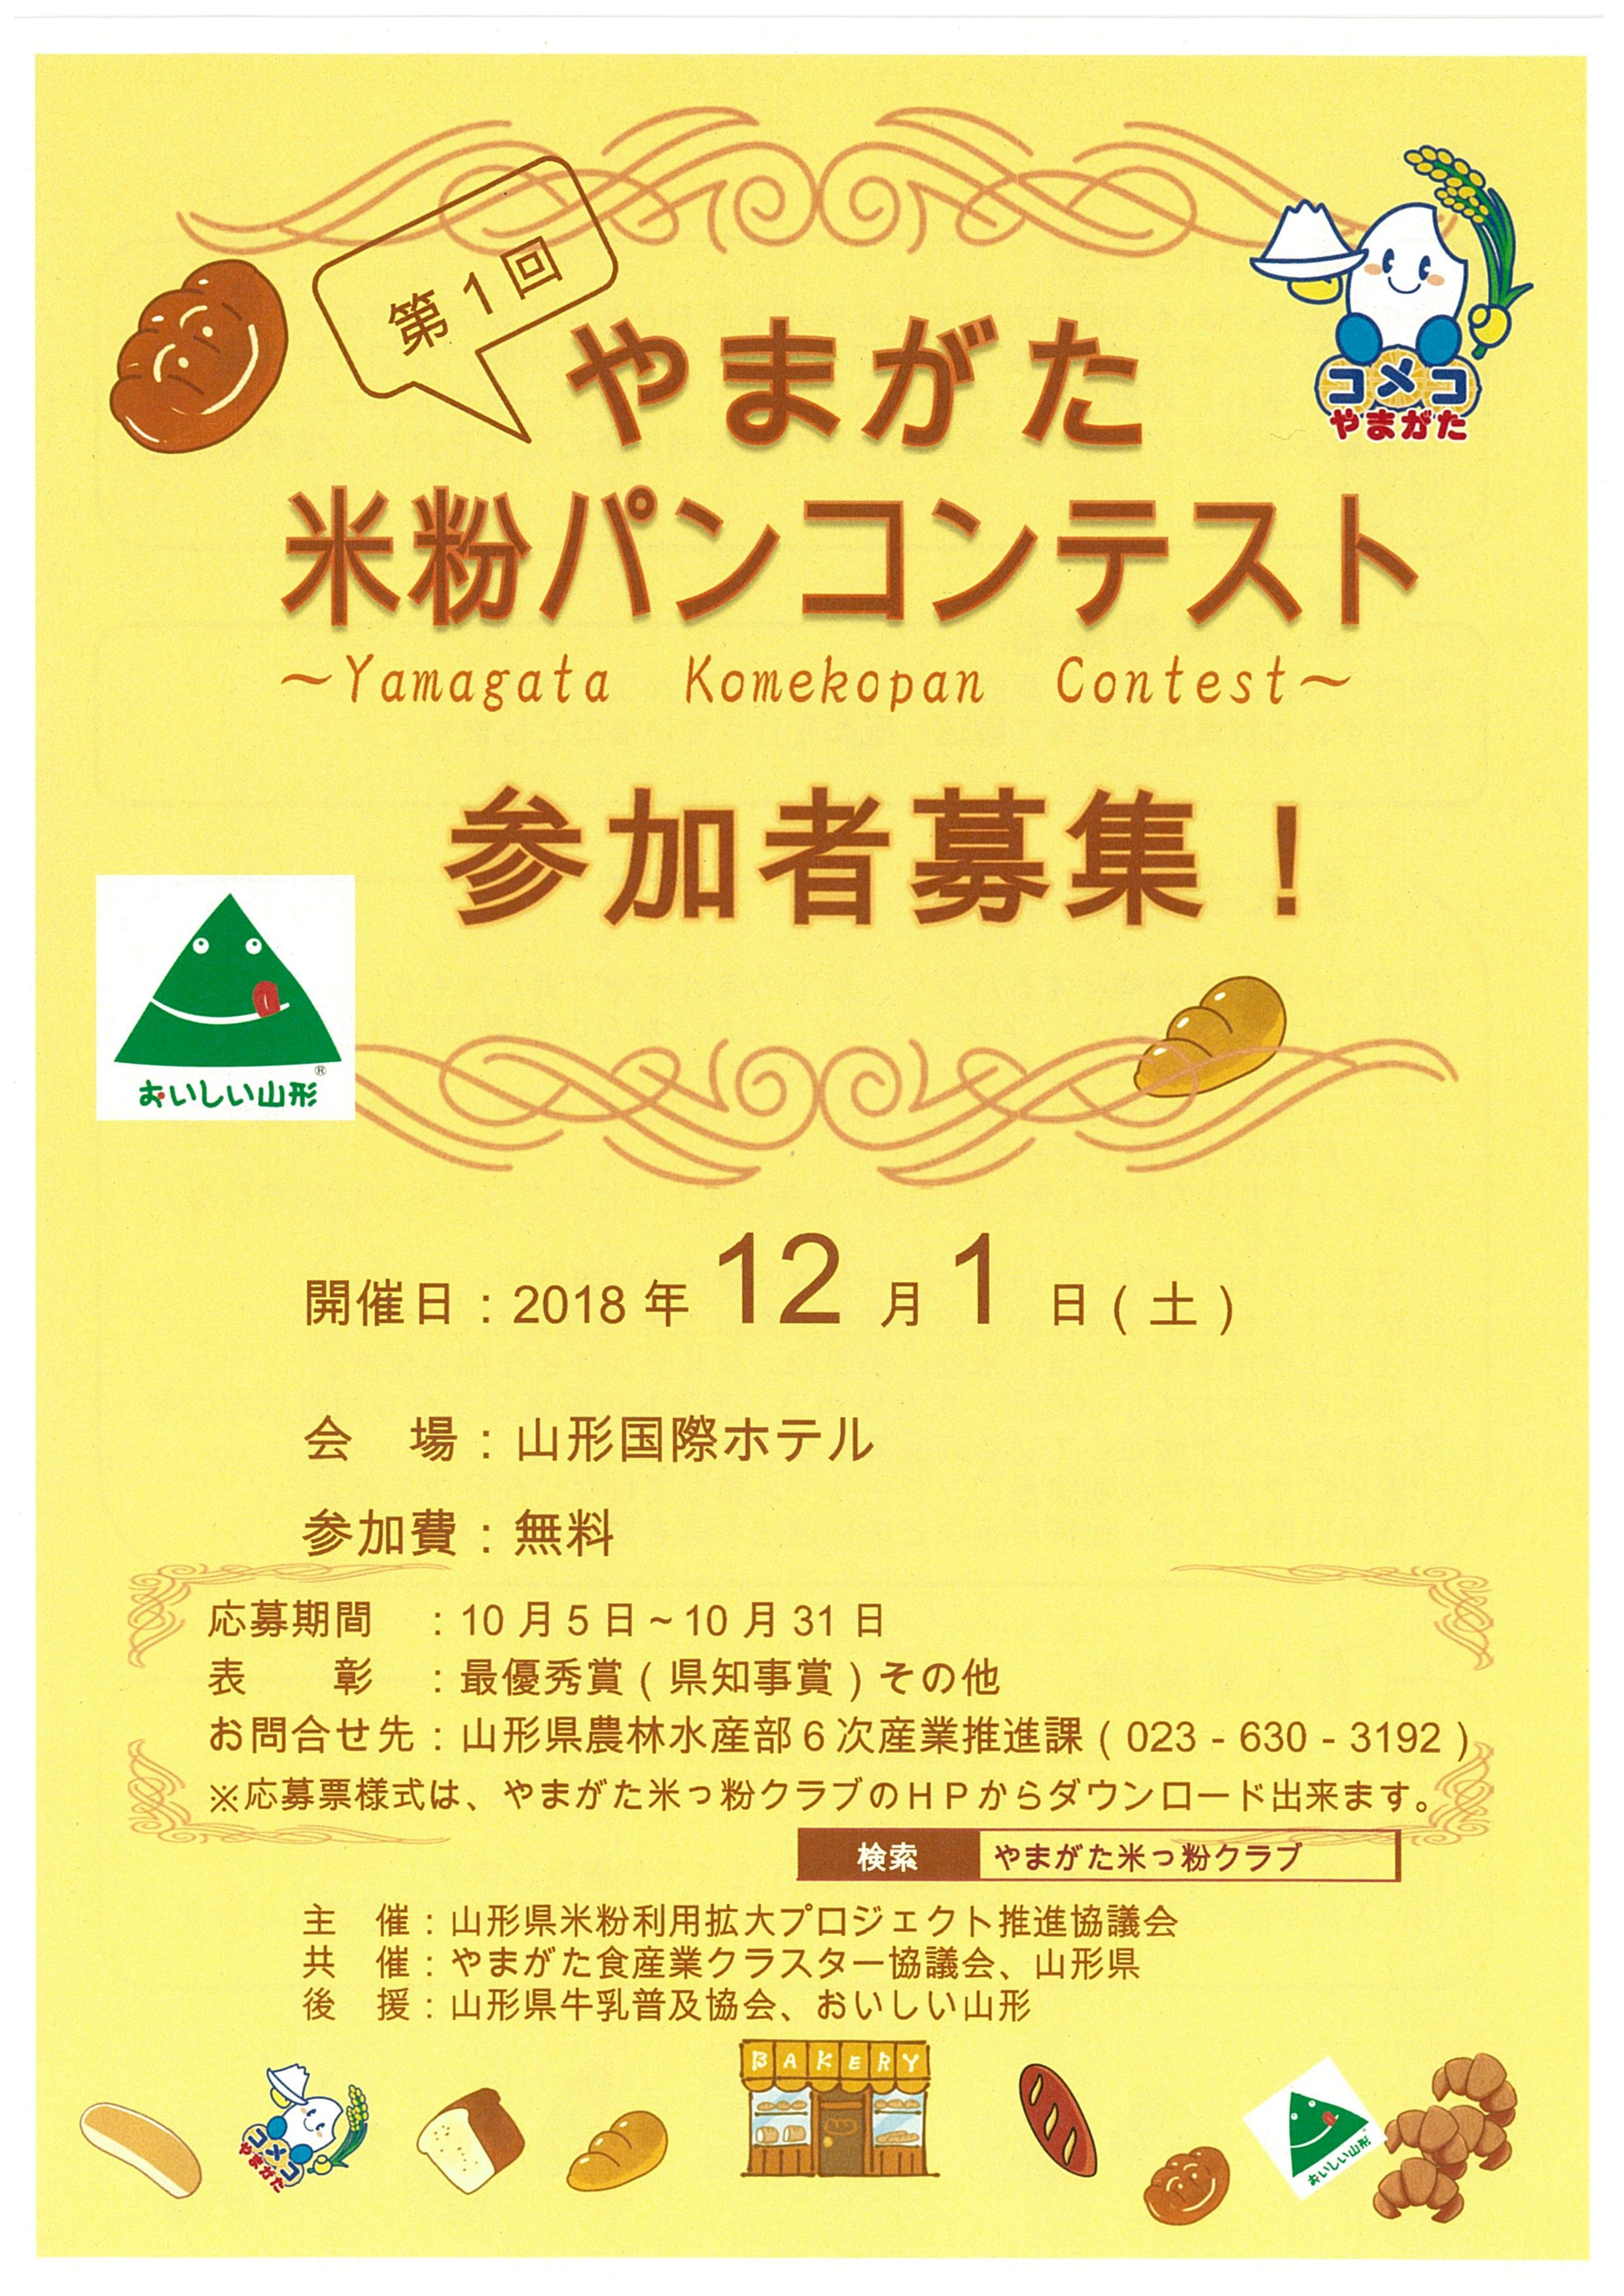 「第1回やまがた米粉パンコンテスト」の開催について【参加者募集中】:画像